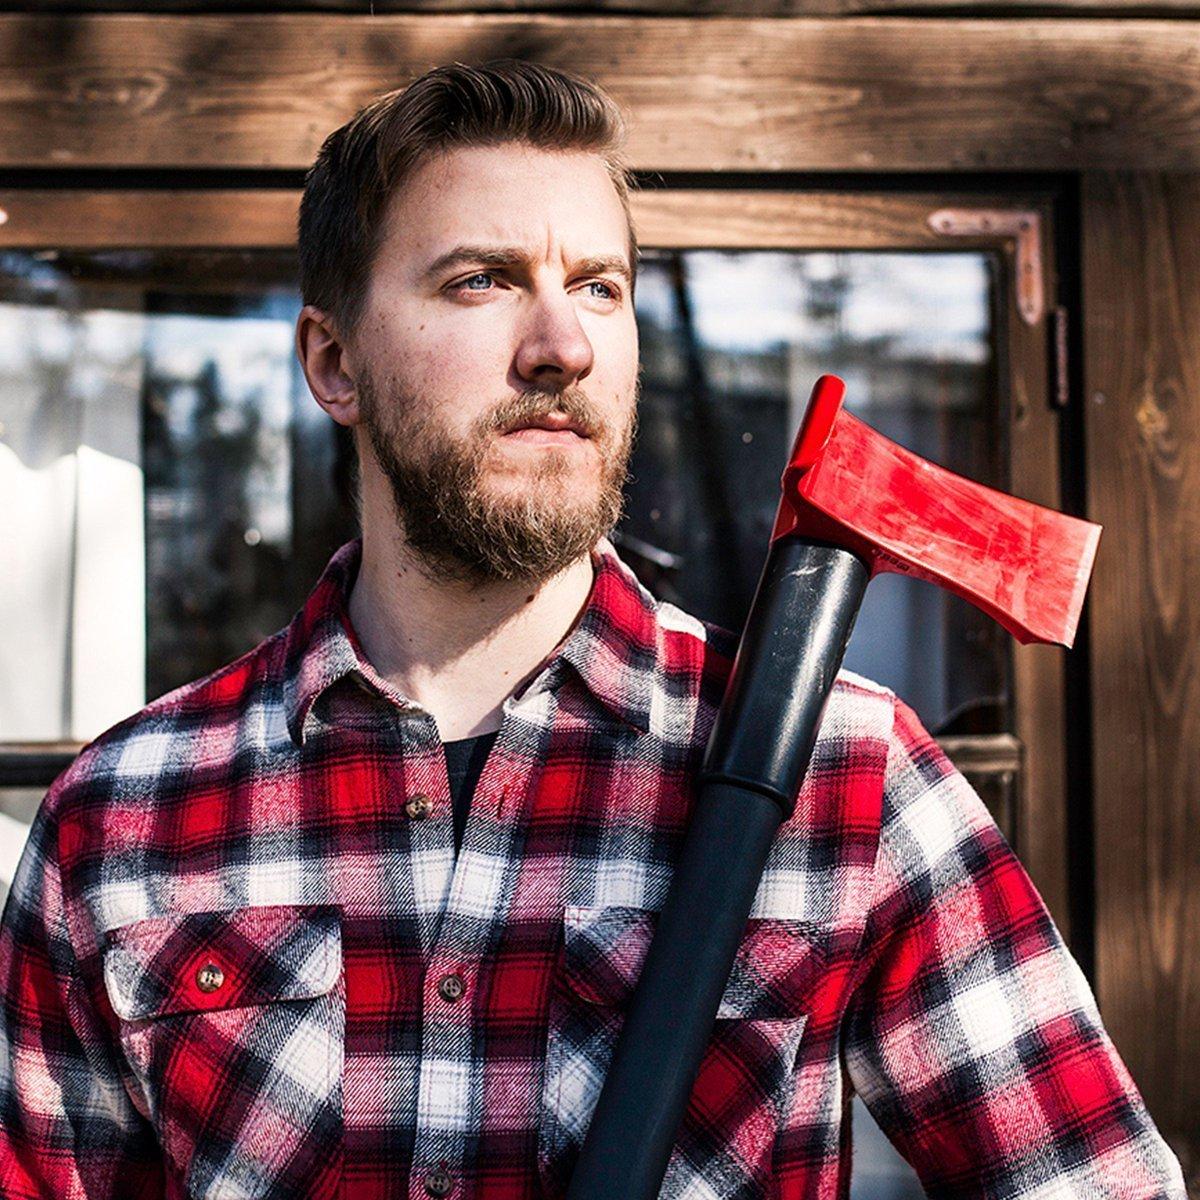 Pokud topíte dřevem a sami si ho pro topení zpracováváte, šetříte svou peněženku. Co už ale nešetříte, je vaše energie a čas. Někteří z vás možná berou sekání dříví jako jistý druh posilovny v přírodě. Jiní si ale tuto fyzicky namáhavou práci raději ušetří za pomoci různých štípaček, anebo si dřevo objednávají rovnou naštípané. Co kdybychom vám ale řekli, že existuje sekera, se kterou ušetříte čas i energii?